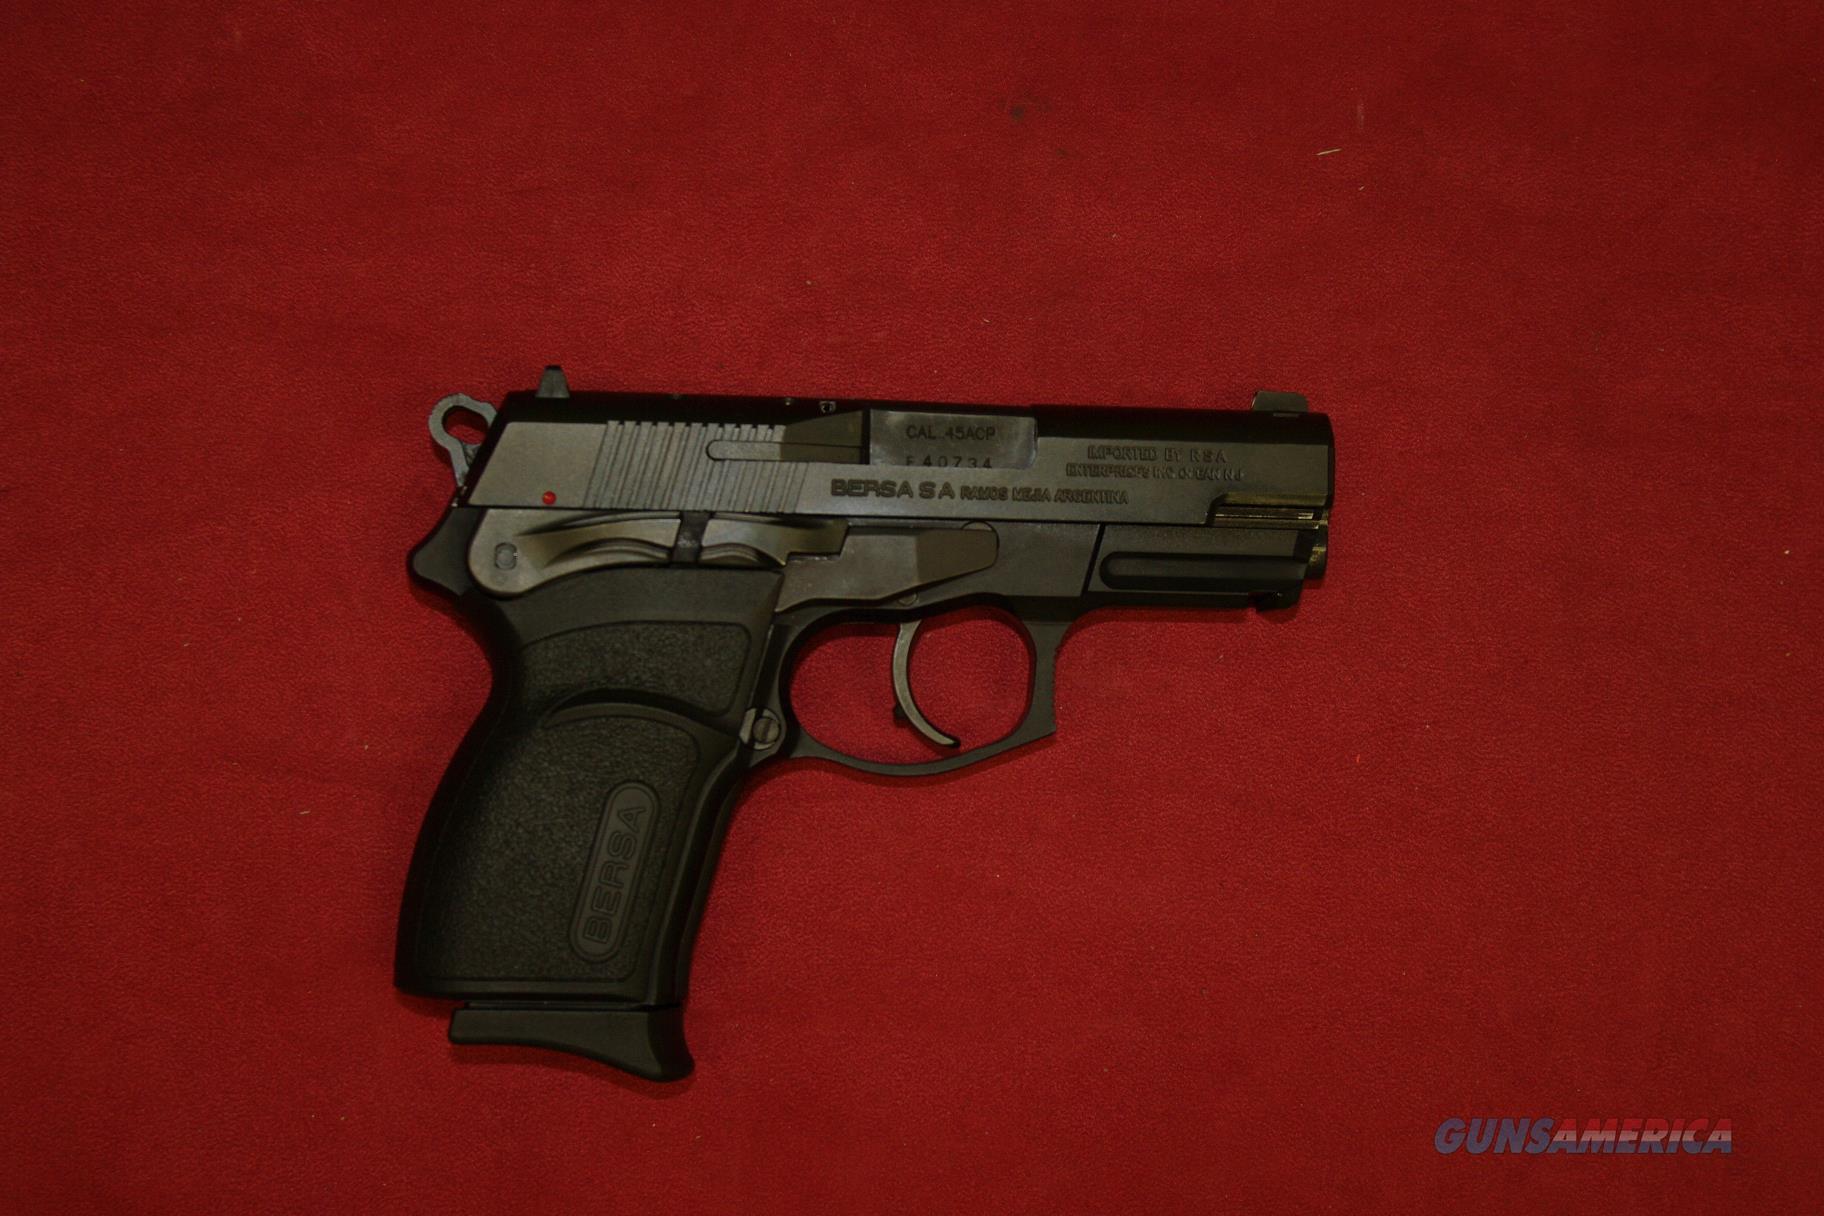 Bersa Thunder Ultra Compact Pro .45  Guns > Pistols > Bersa Pistols